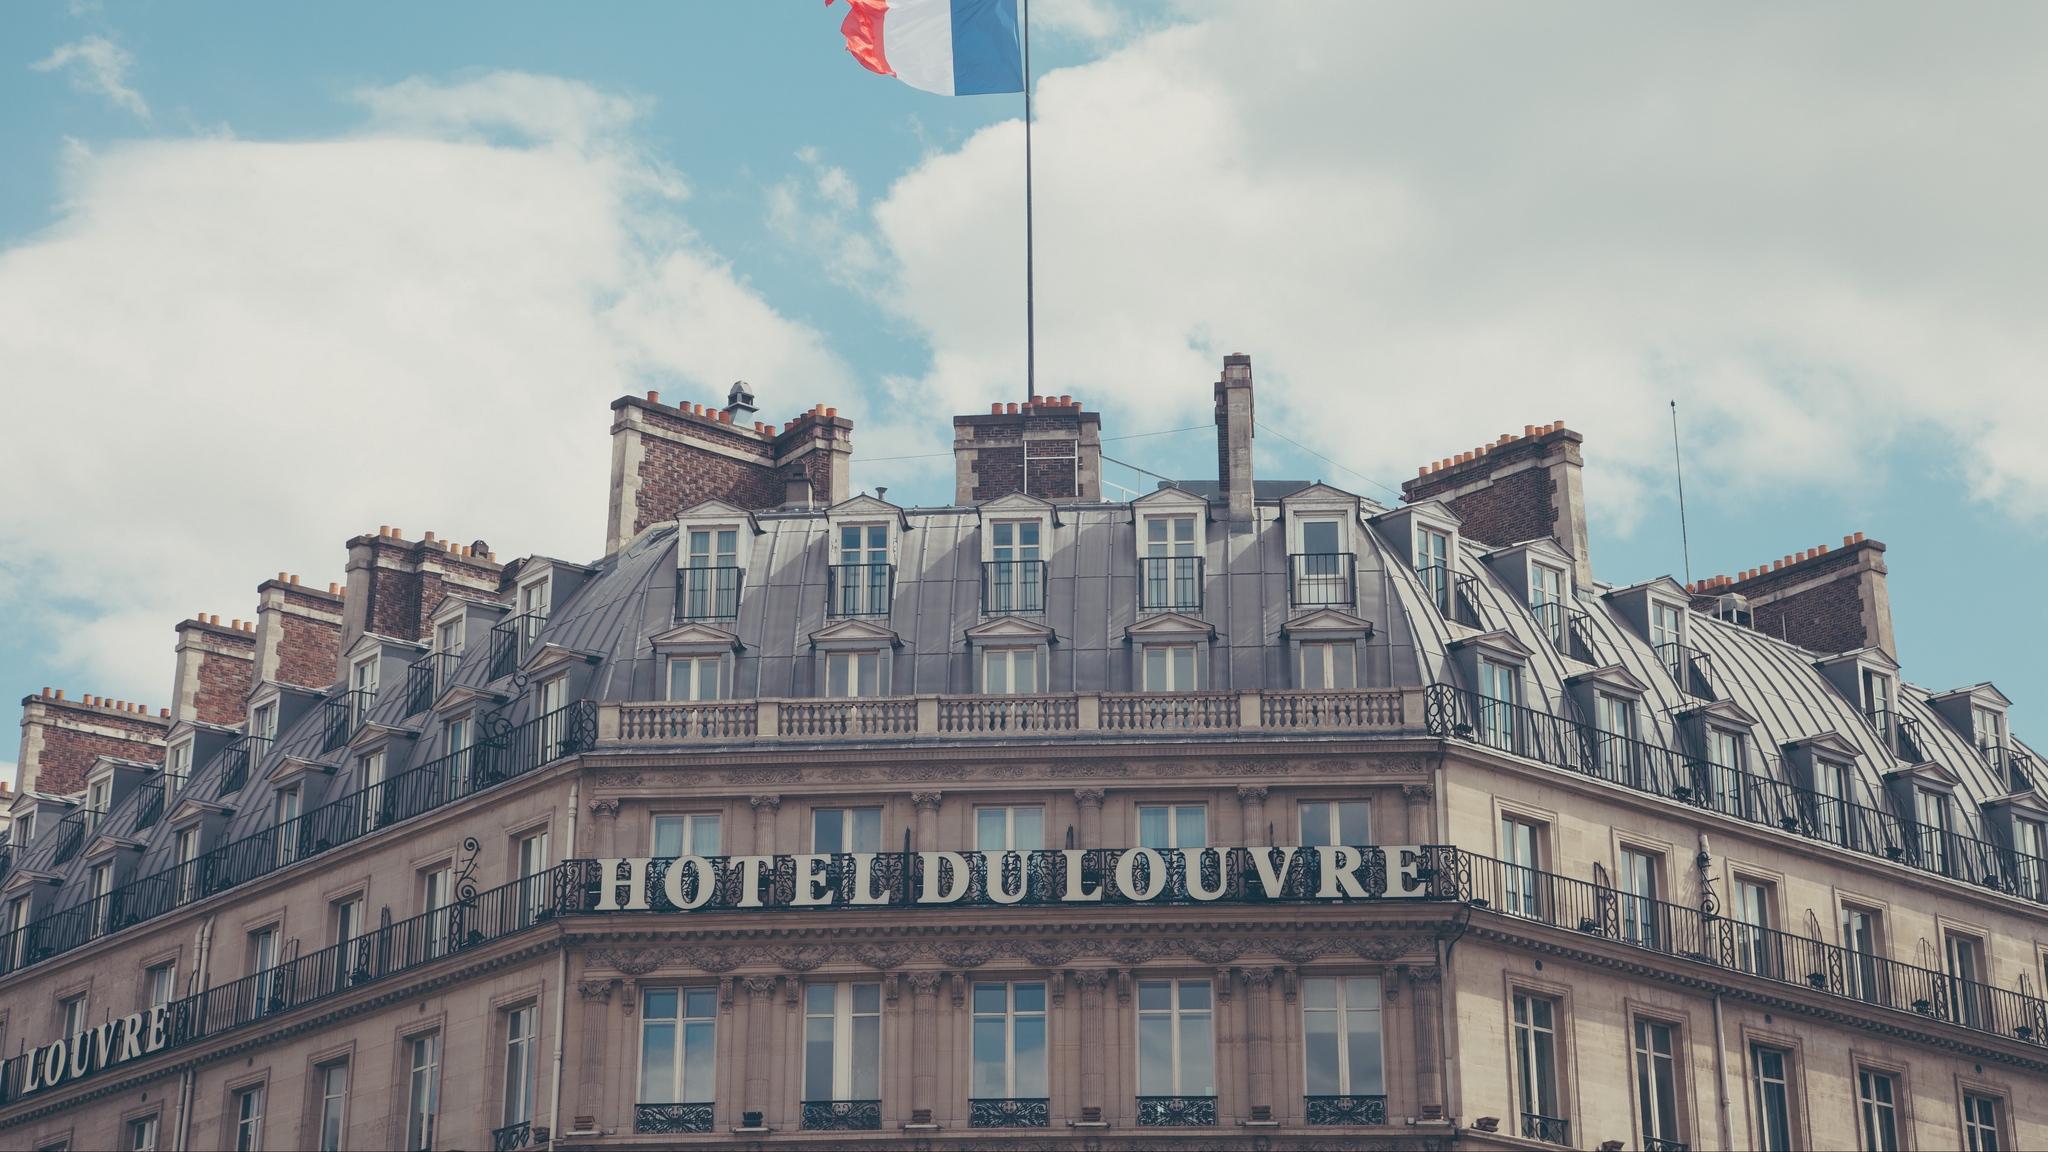 Download wallpaper 2048x1152 paris france hotel hotel du louvre 2048x1152